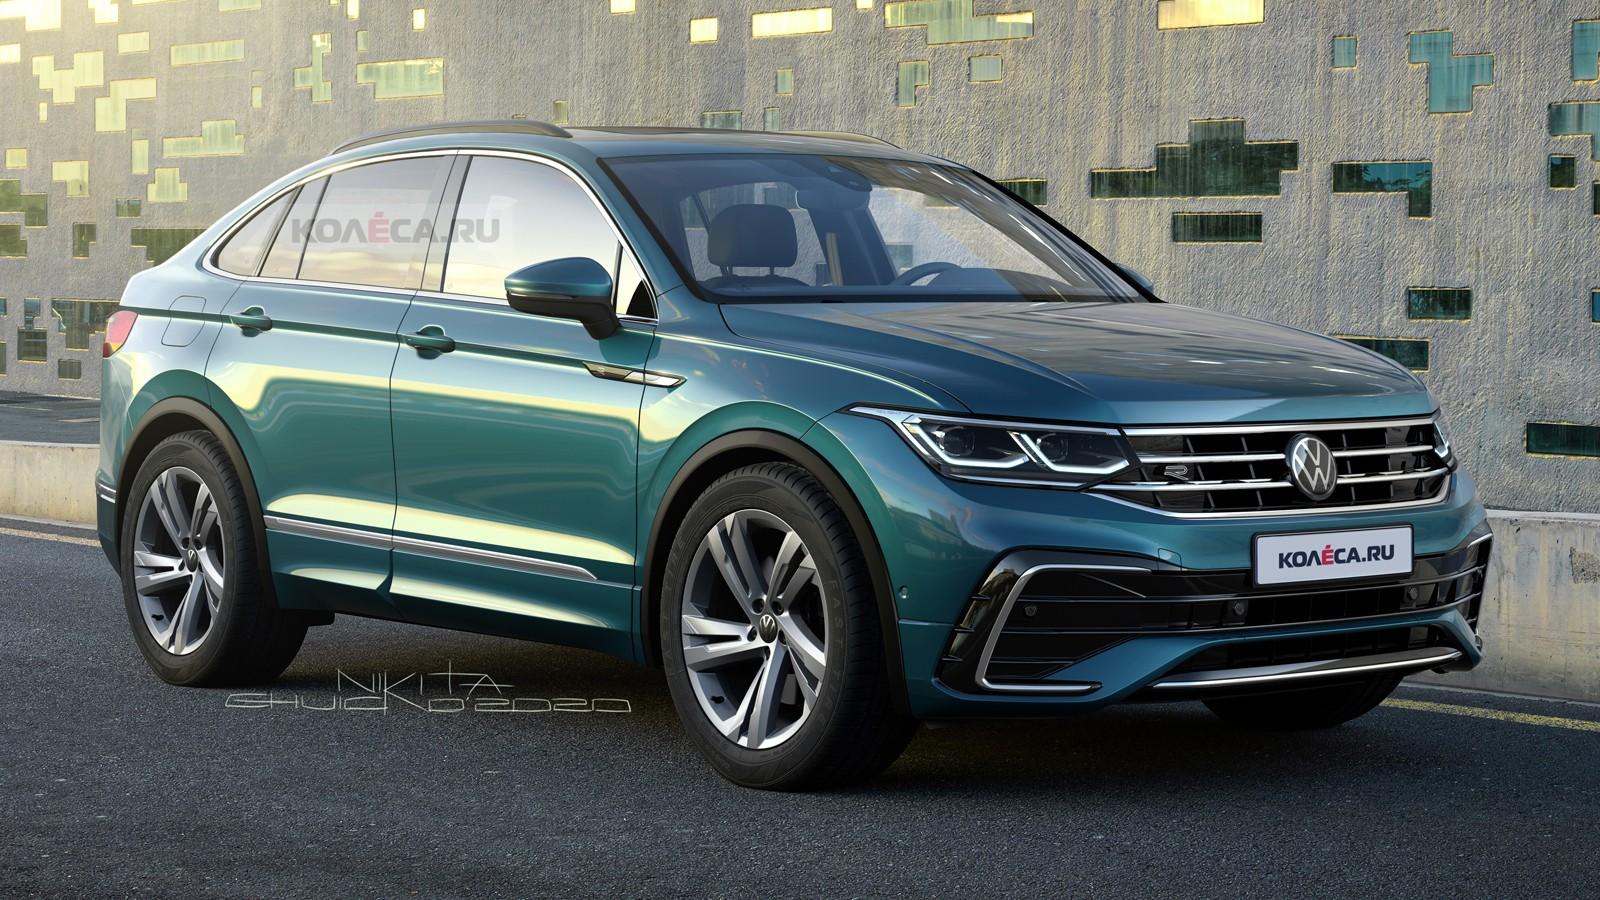 Купеобразный Volkswagen Tiguan X: новые изображения